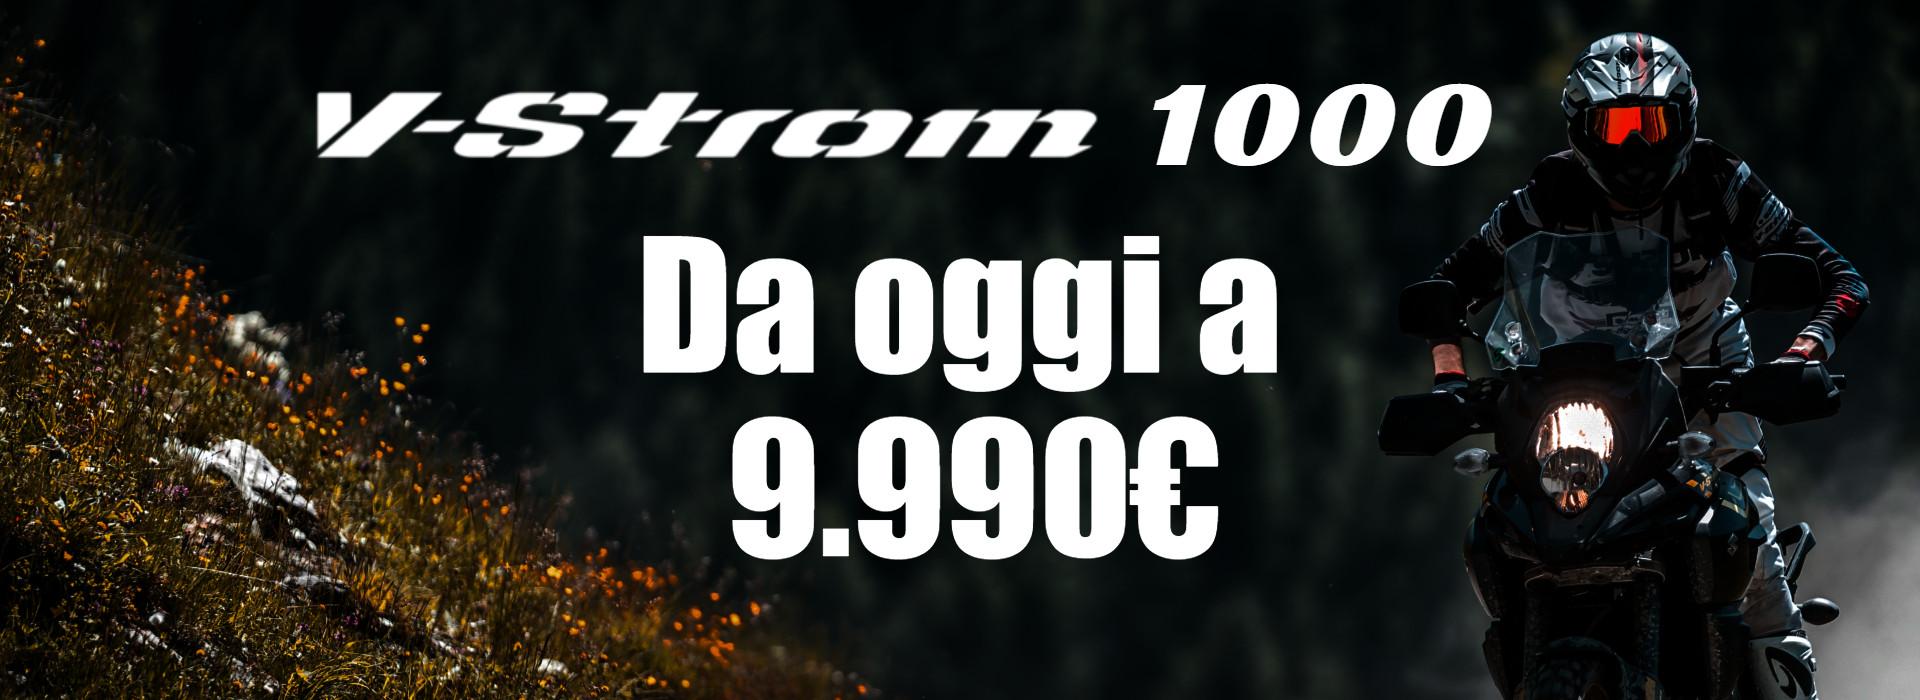 vstrom-1000-promo